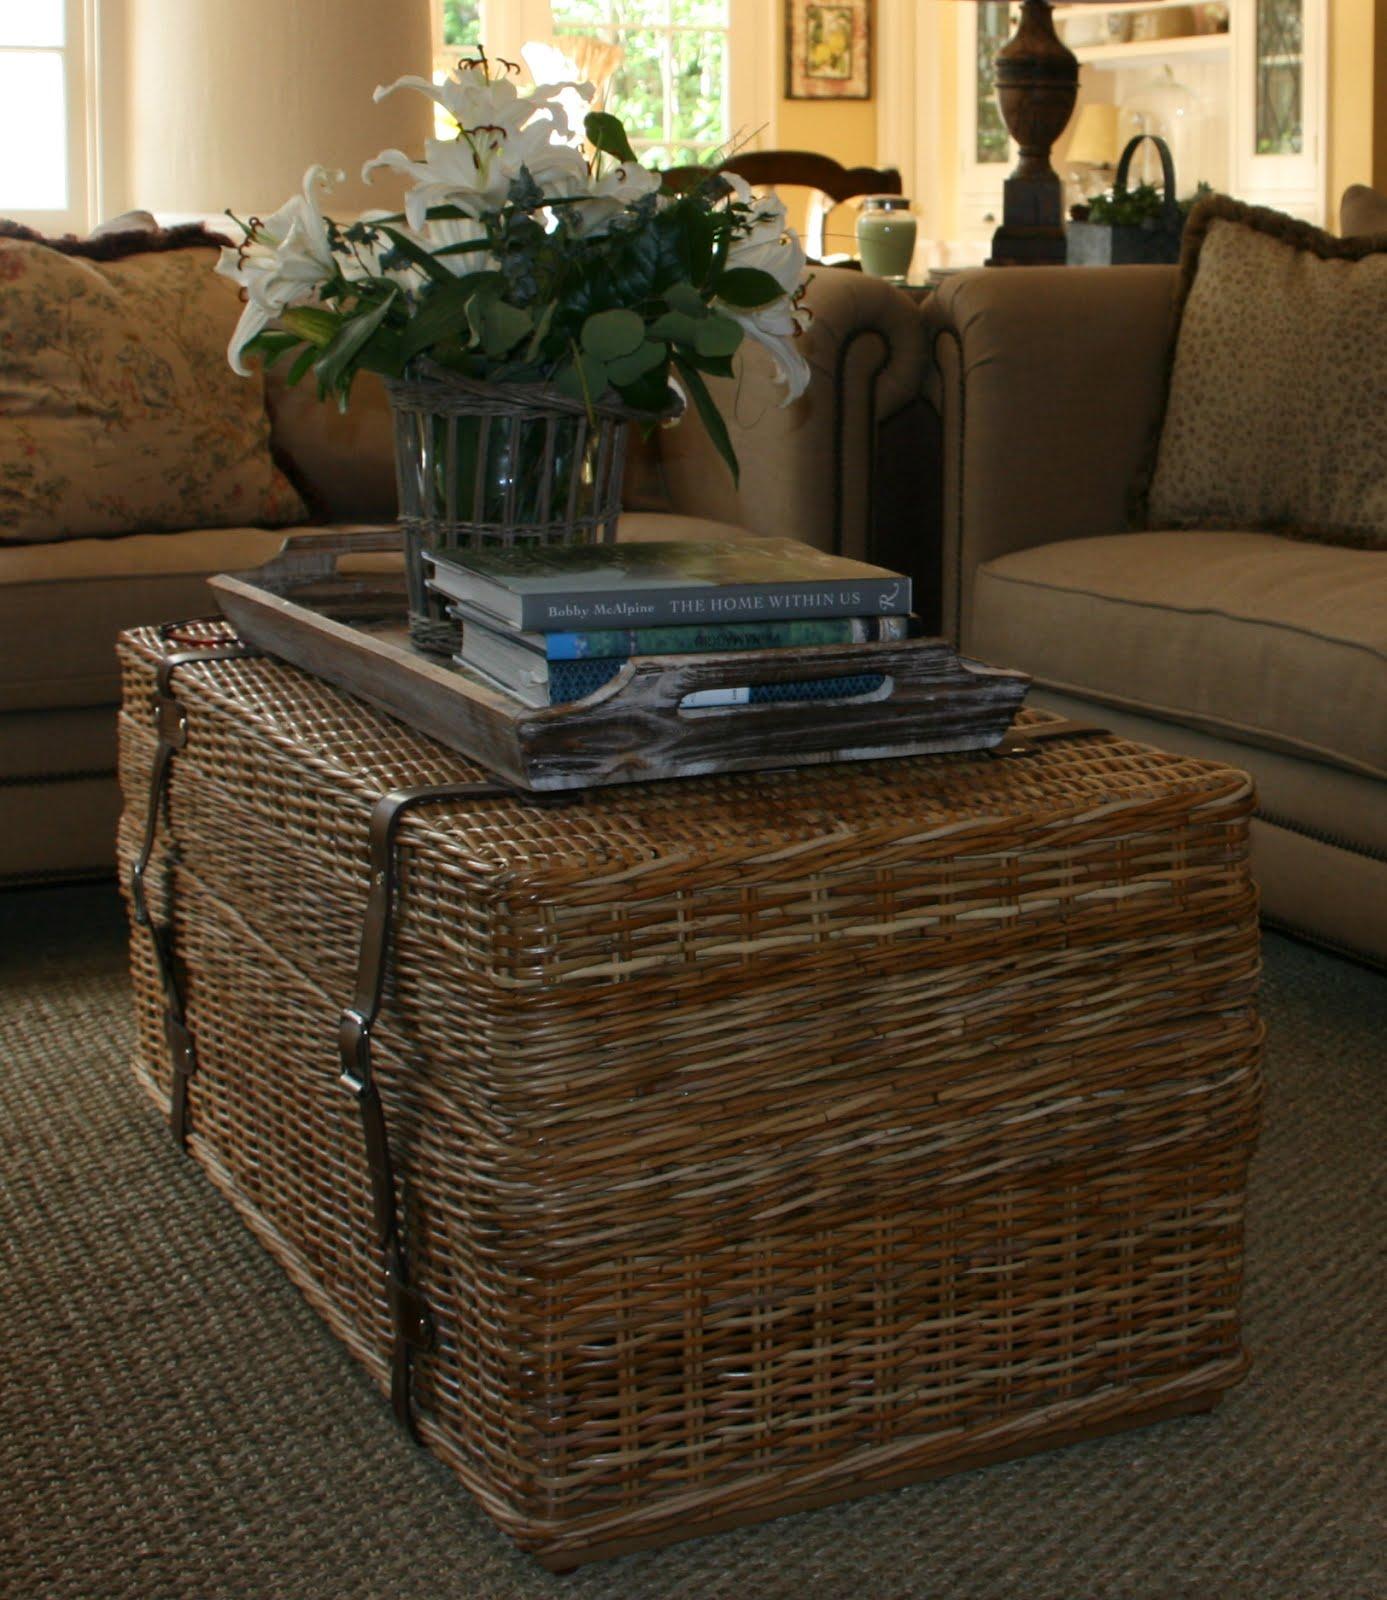 Wicker Storage Trunk Coffee Table: Vignette Design: Warm, Wonderful, Woven Wicker